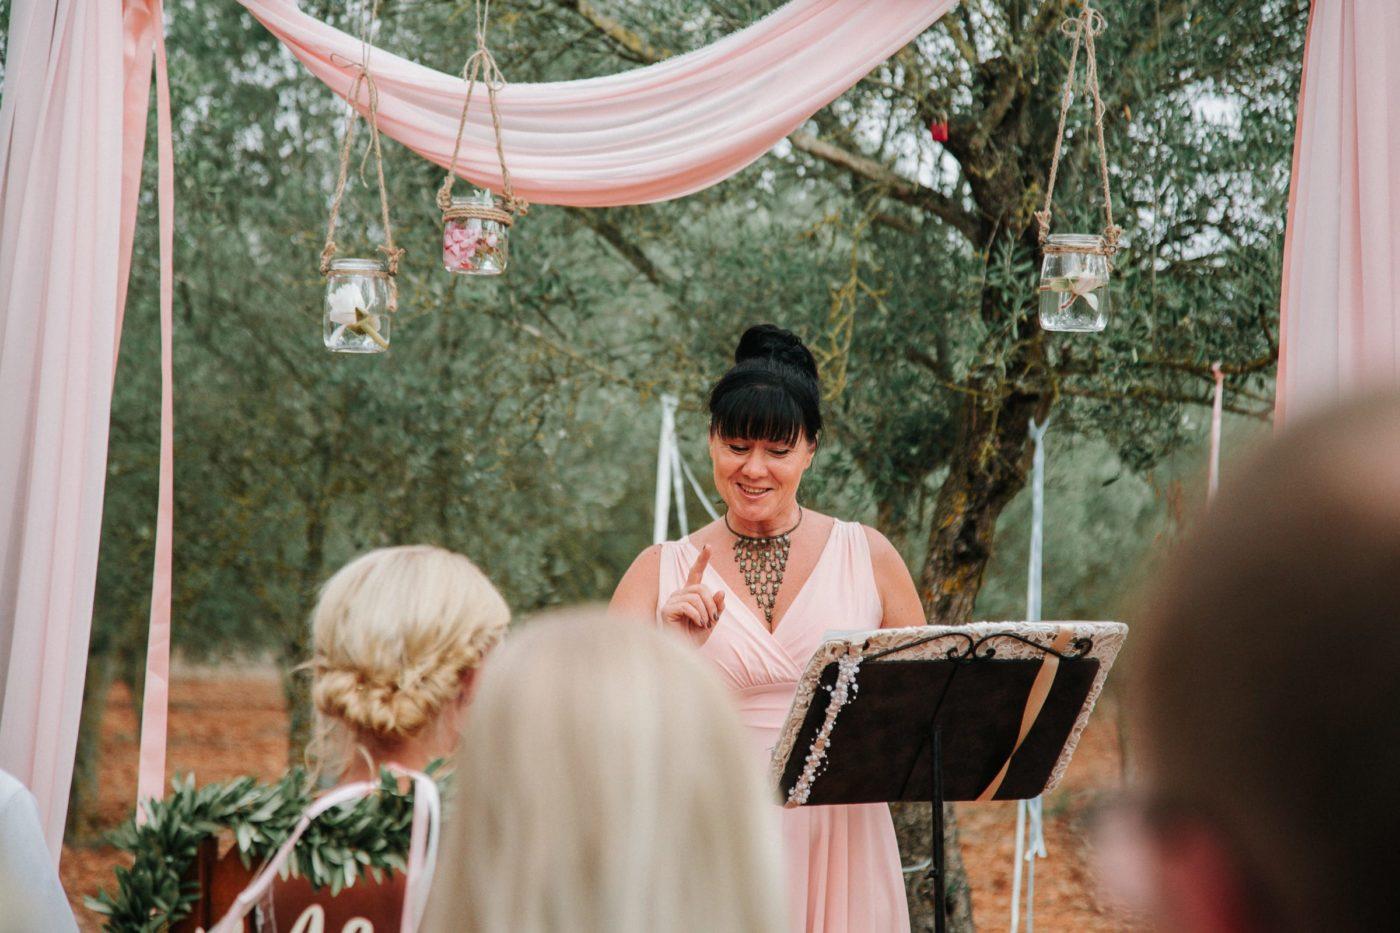 Ich unter dem rosa dekorierten Traualtar beim Halten meiner Hochzeitsrede.